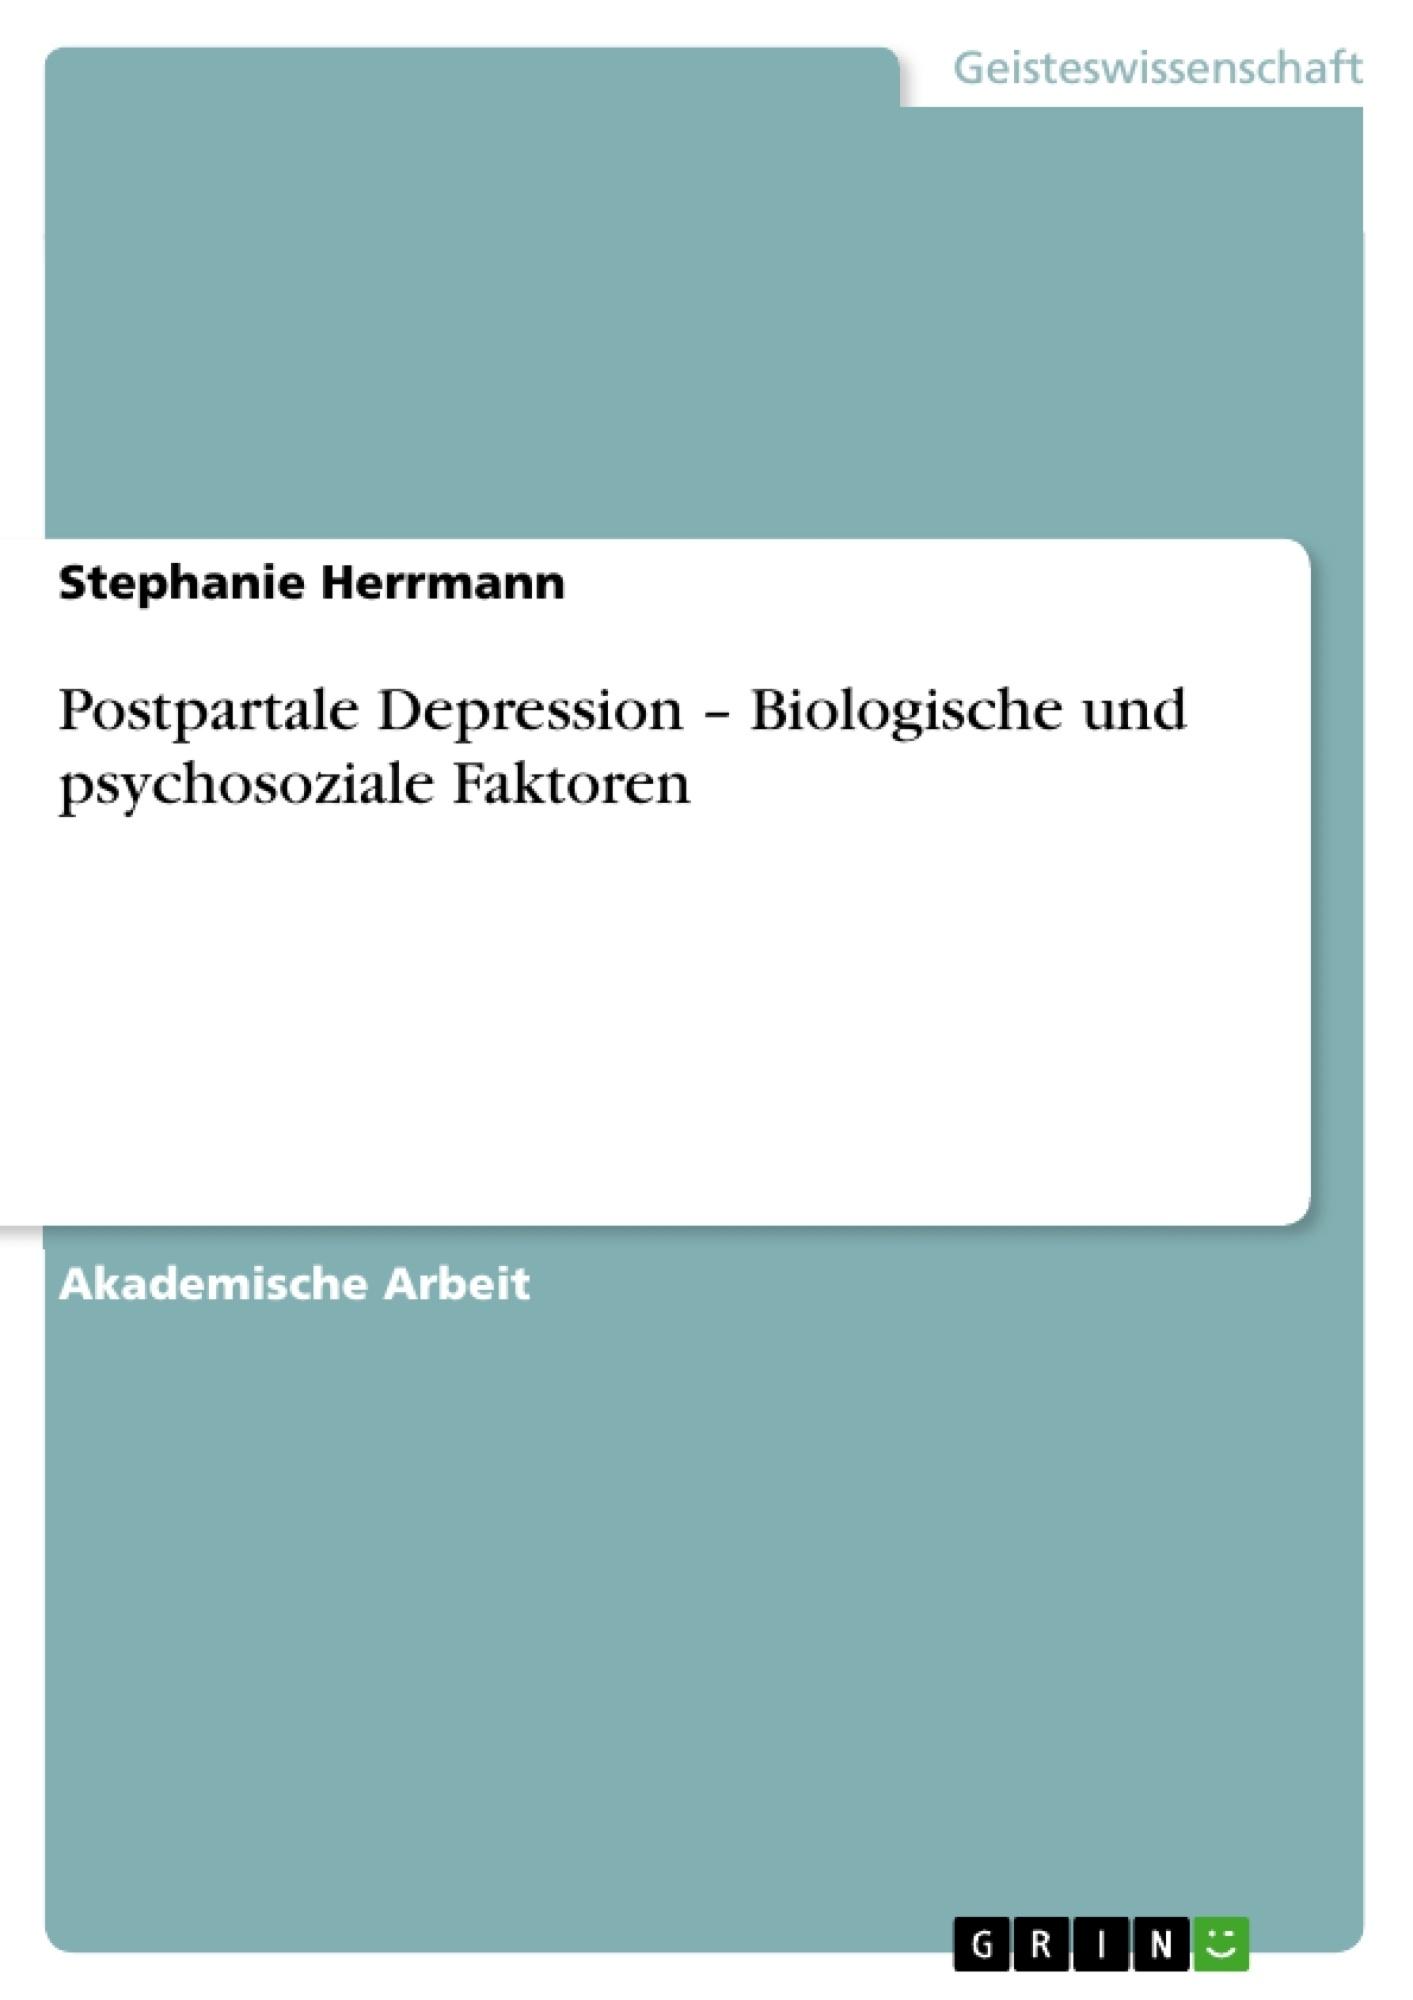 Titel: Postpartale Depression – Biologische und psychosoziale Faktoren